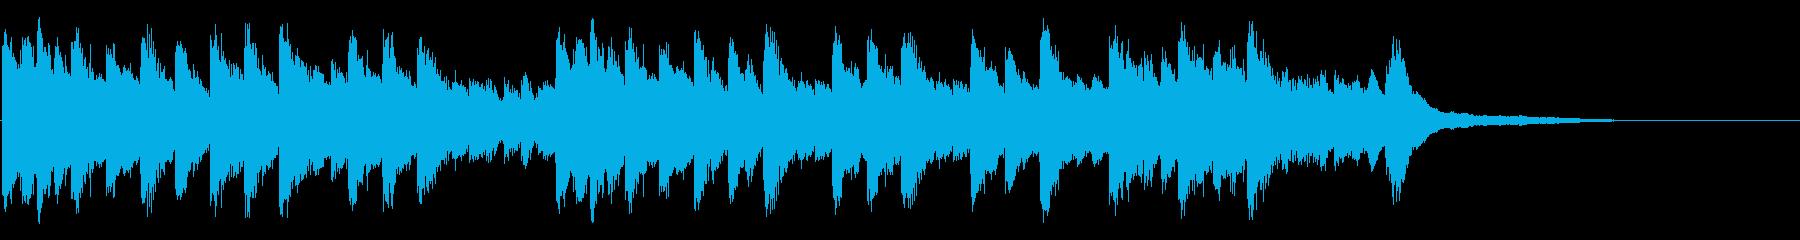 ゆったりとしたピアノソロ曲の再生済みの波形